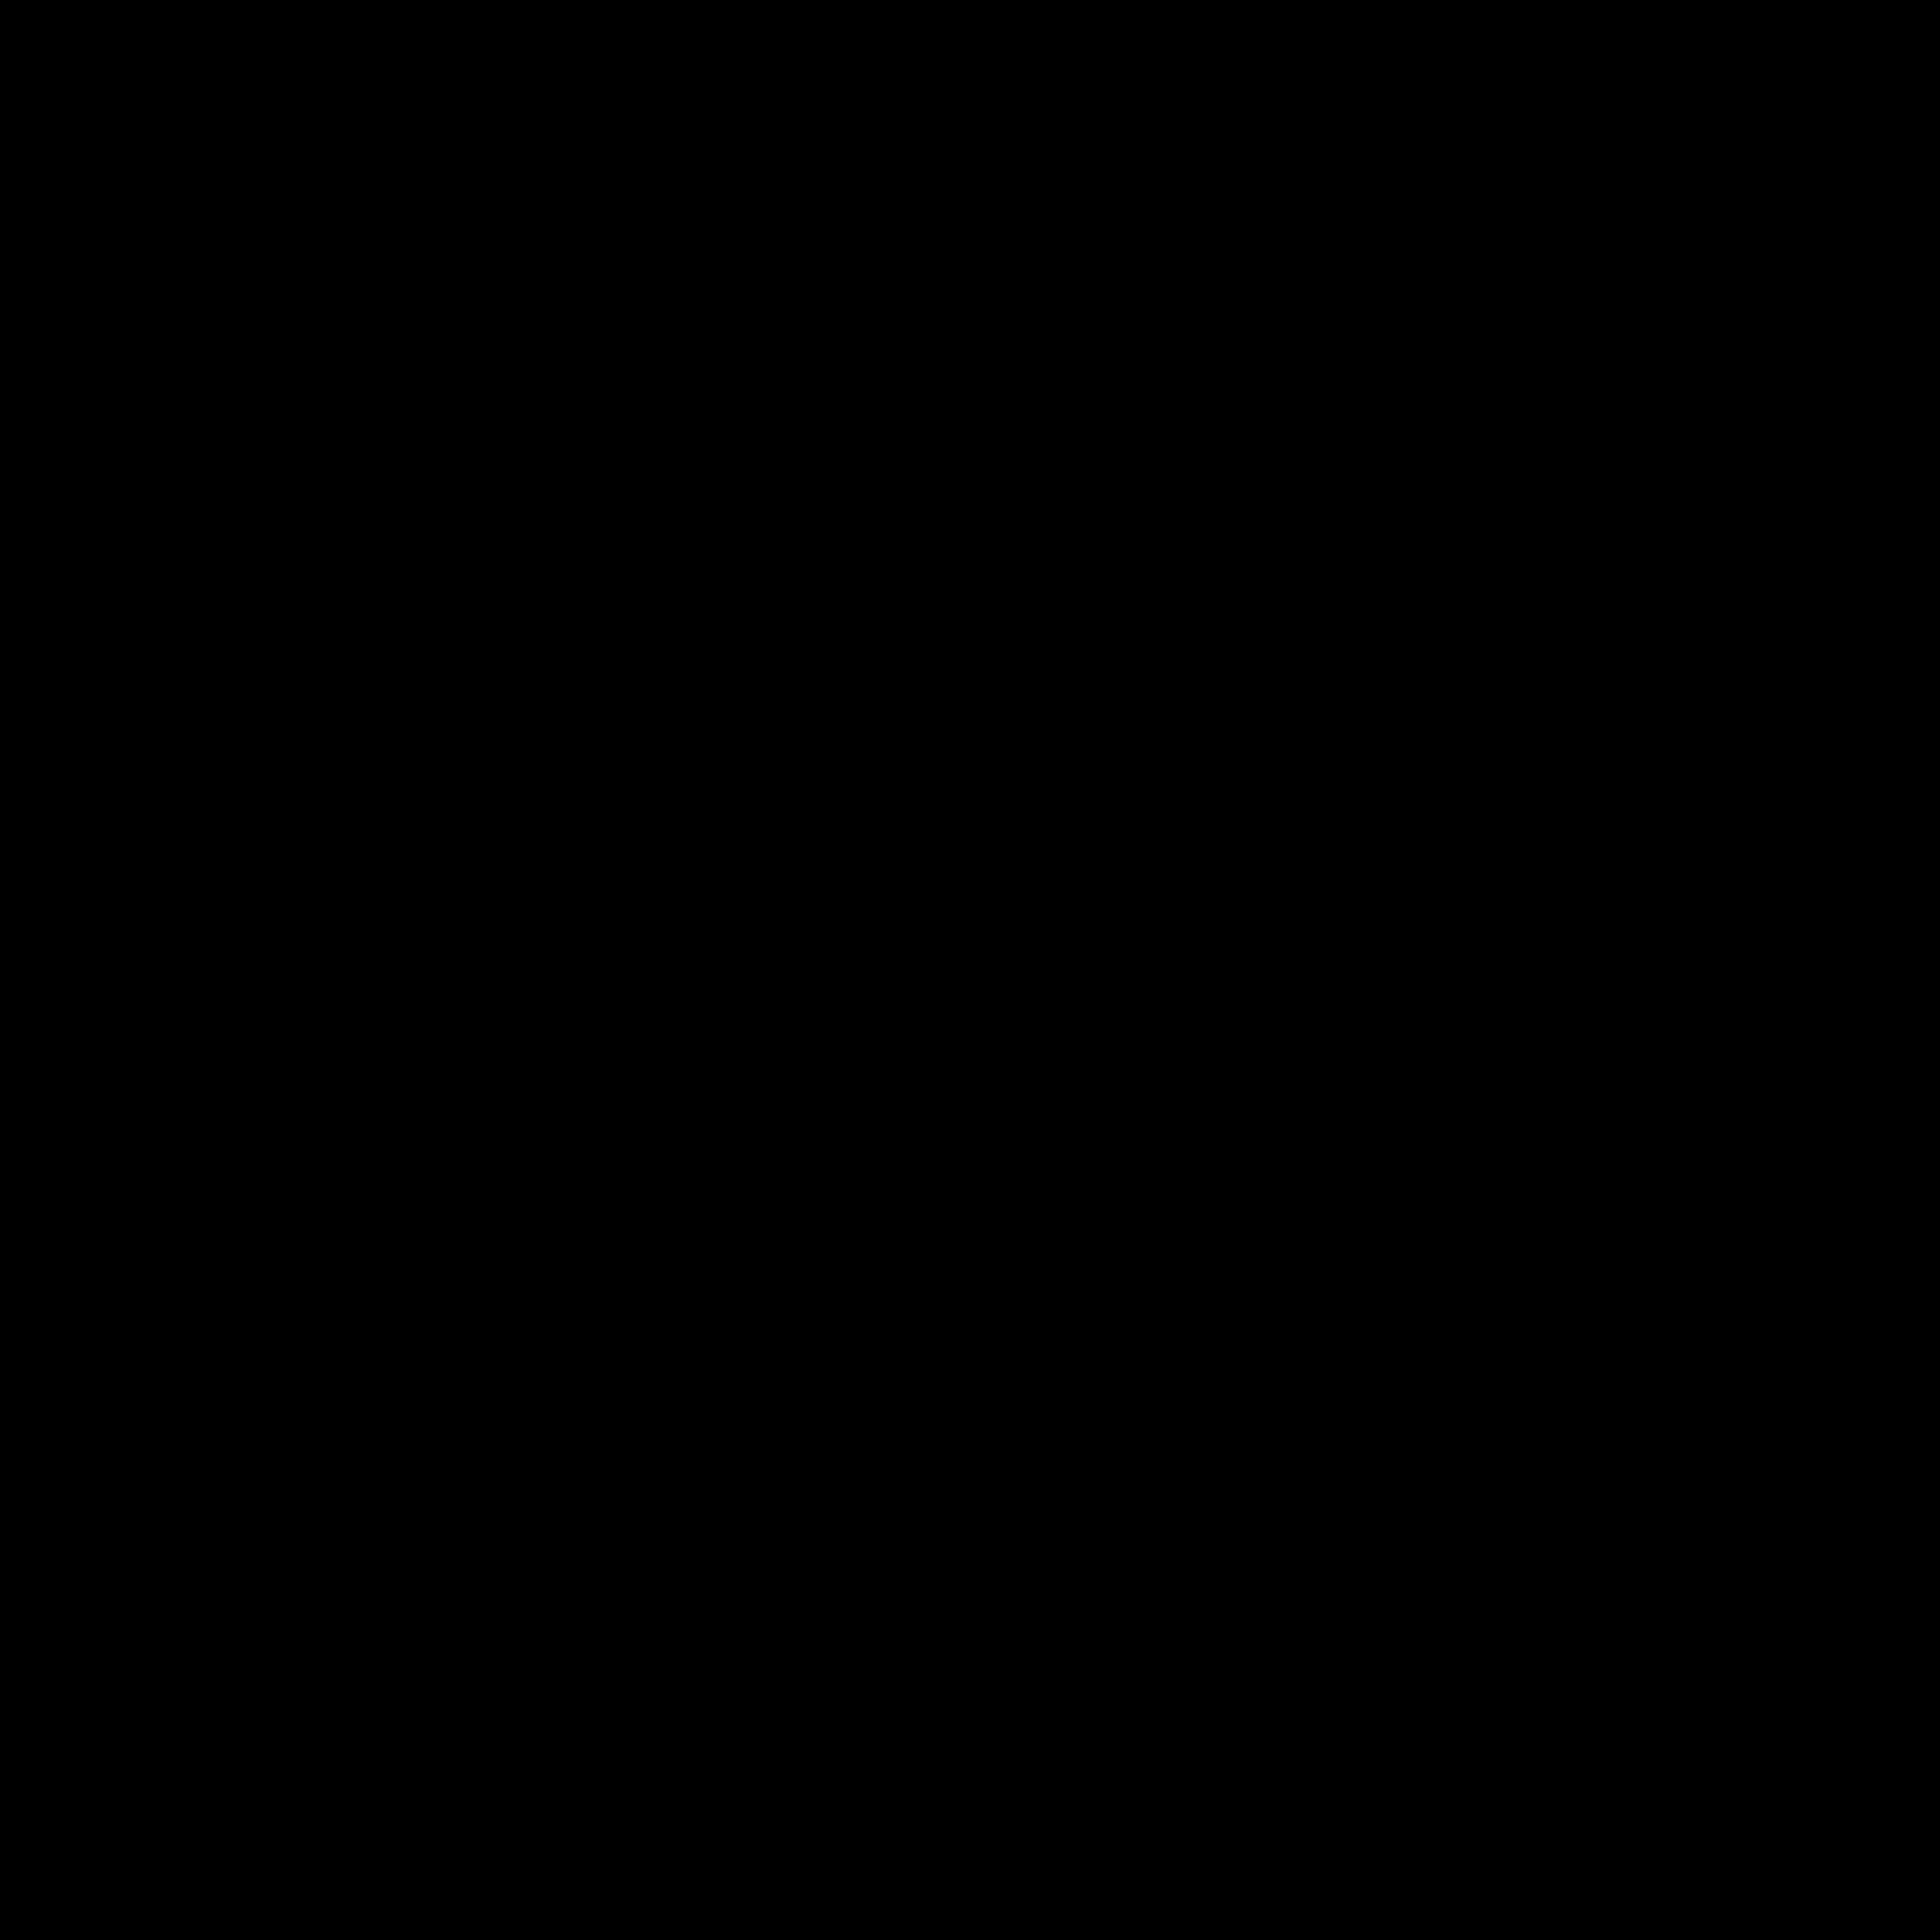 NGK Logo PNG Transparent & SVG Vector - Freebie Supply